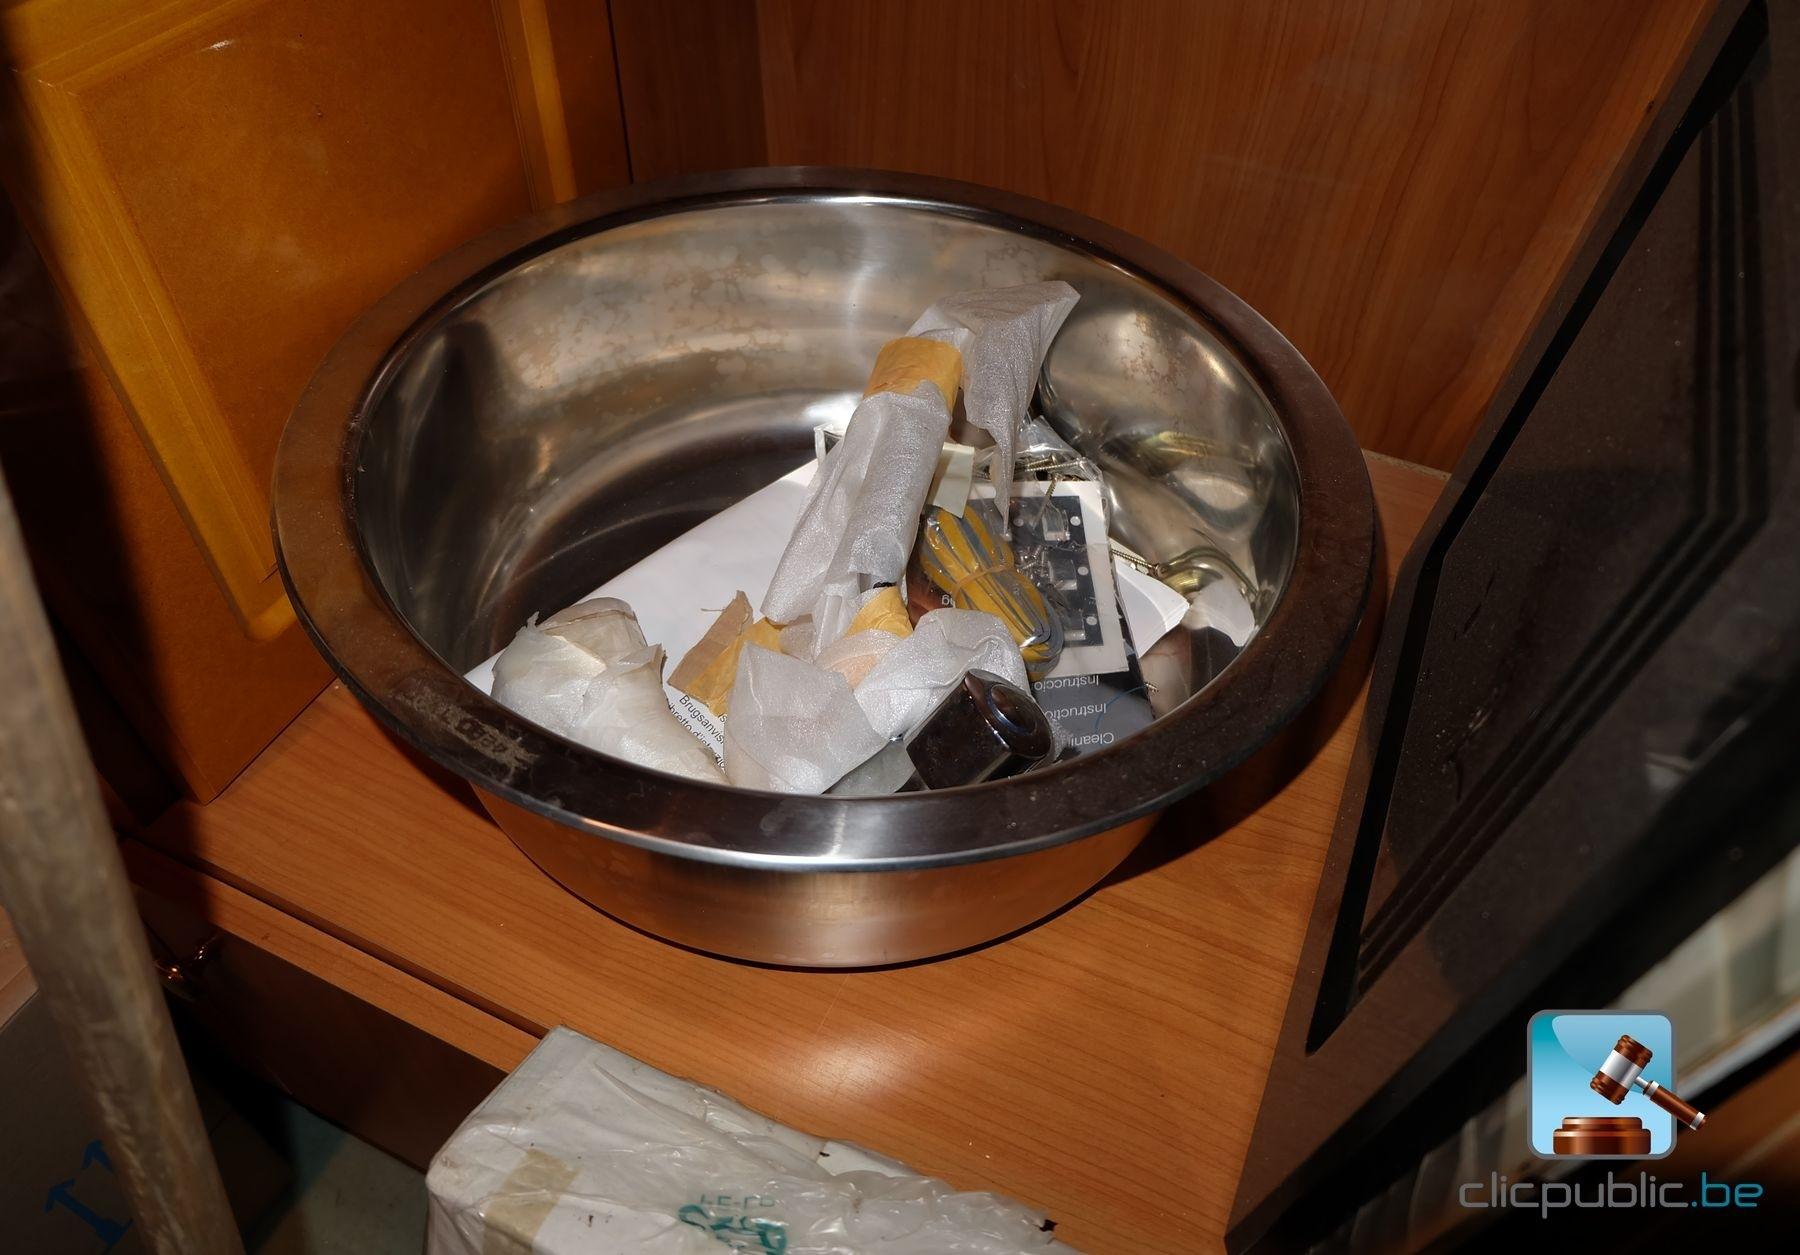 mat 233 riel de salle de bain et de cuisine ref 18 224 vendre sur clicpublic be